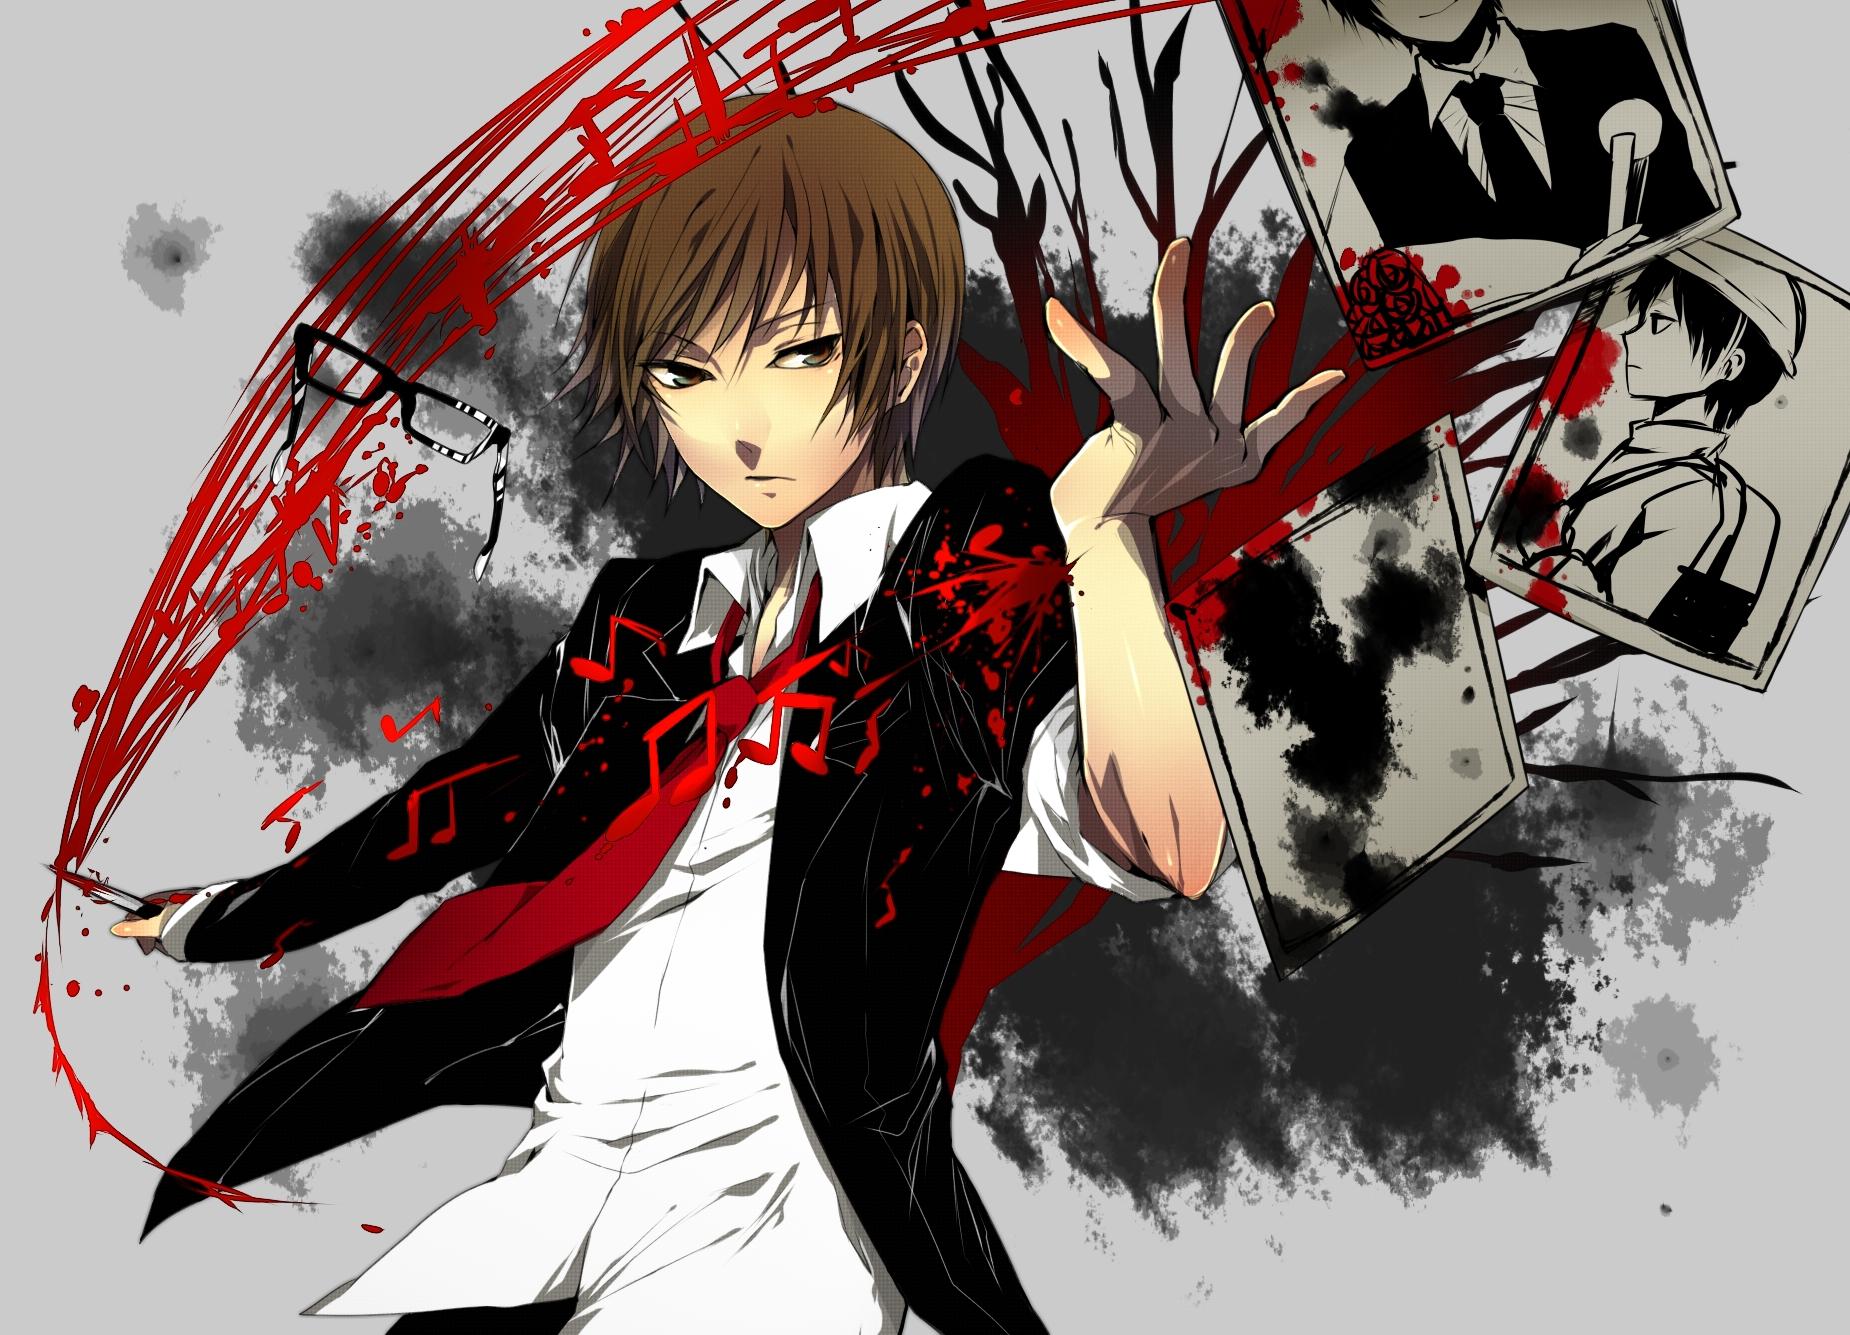 badbye vocaloid image 551242 zerochan anime image board